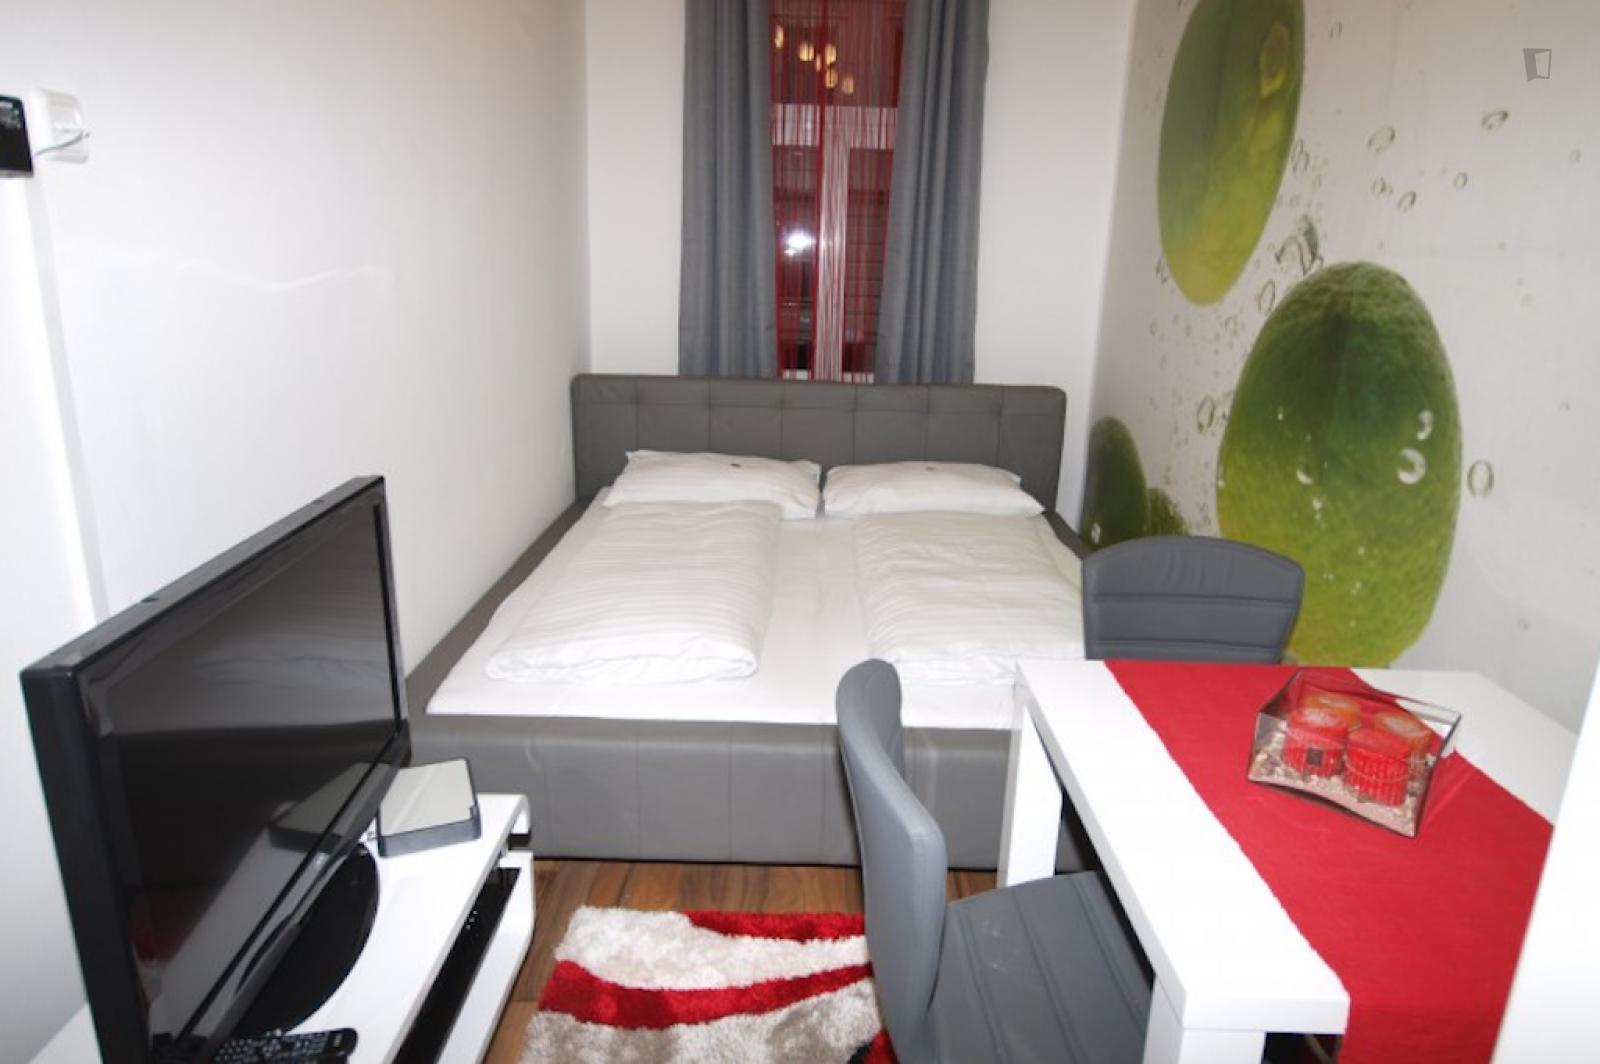 Haberlgasse, Ottakring, AT-9 - 1,170 EUR/ month